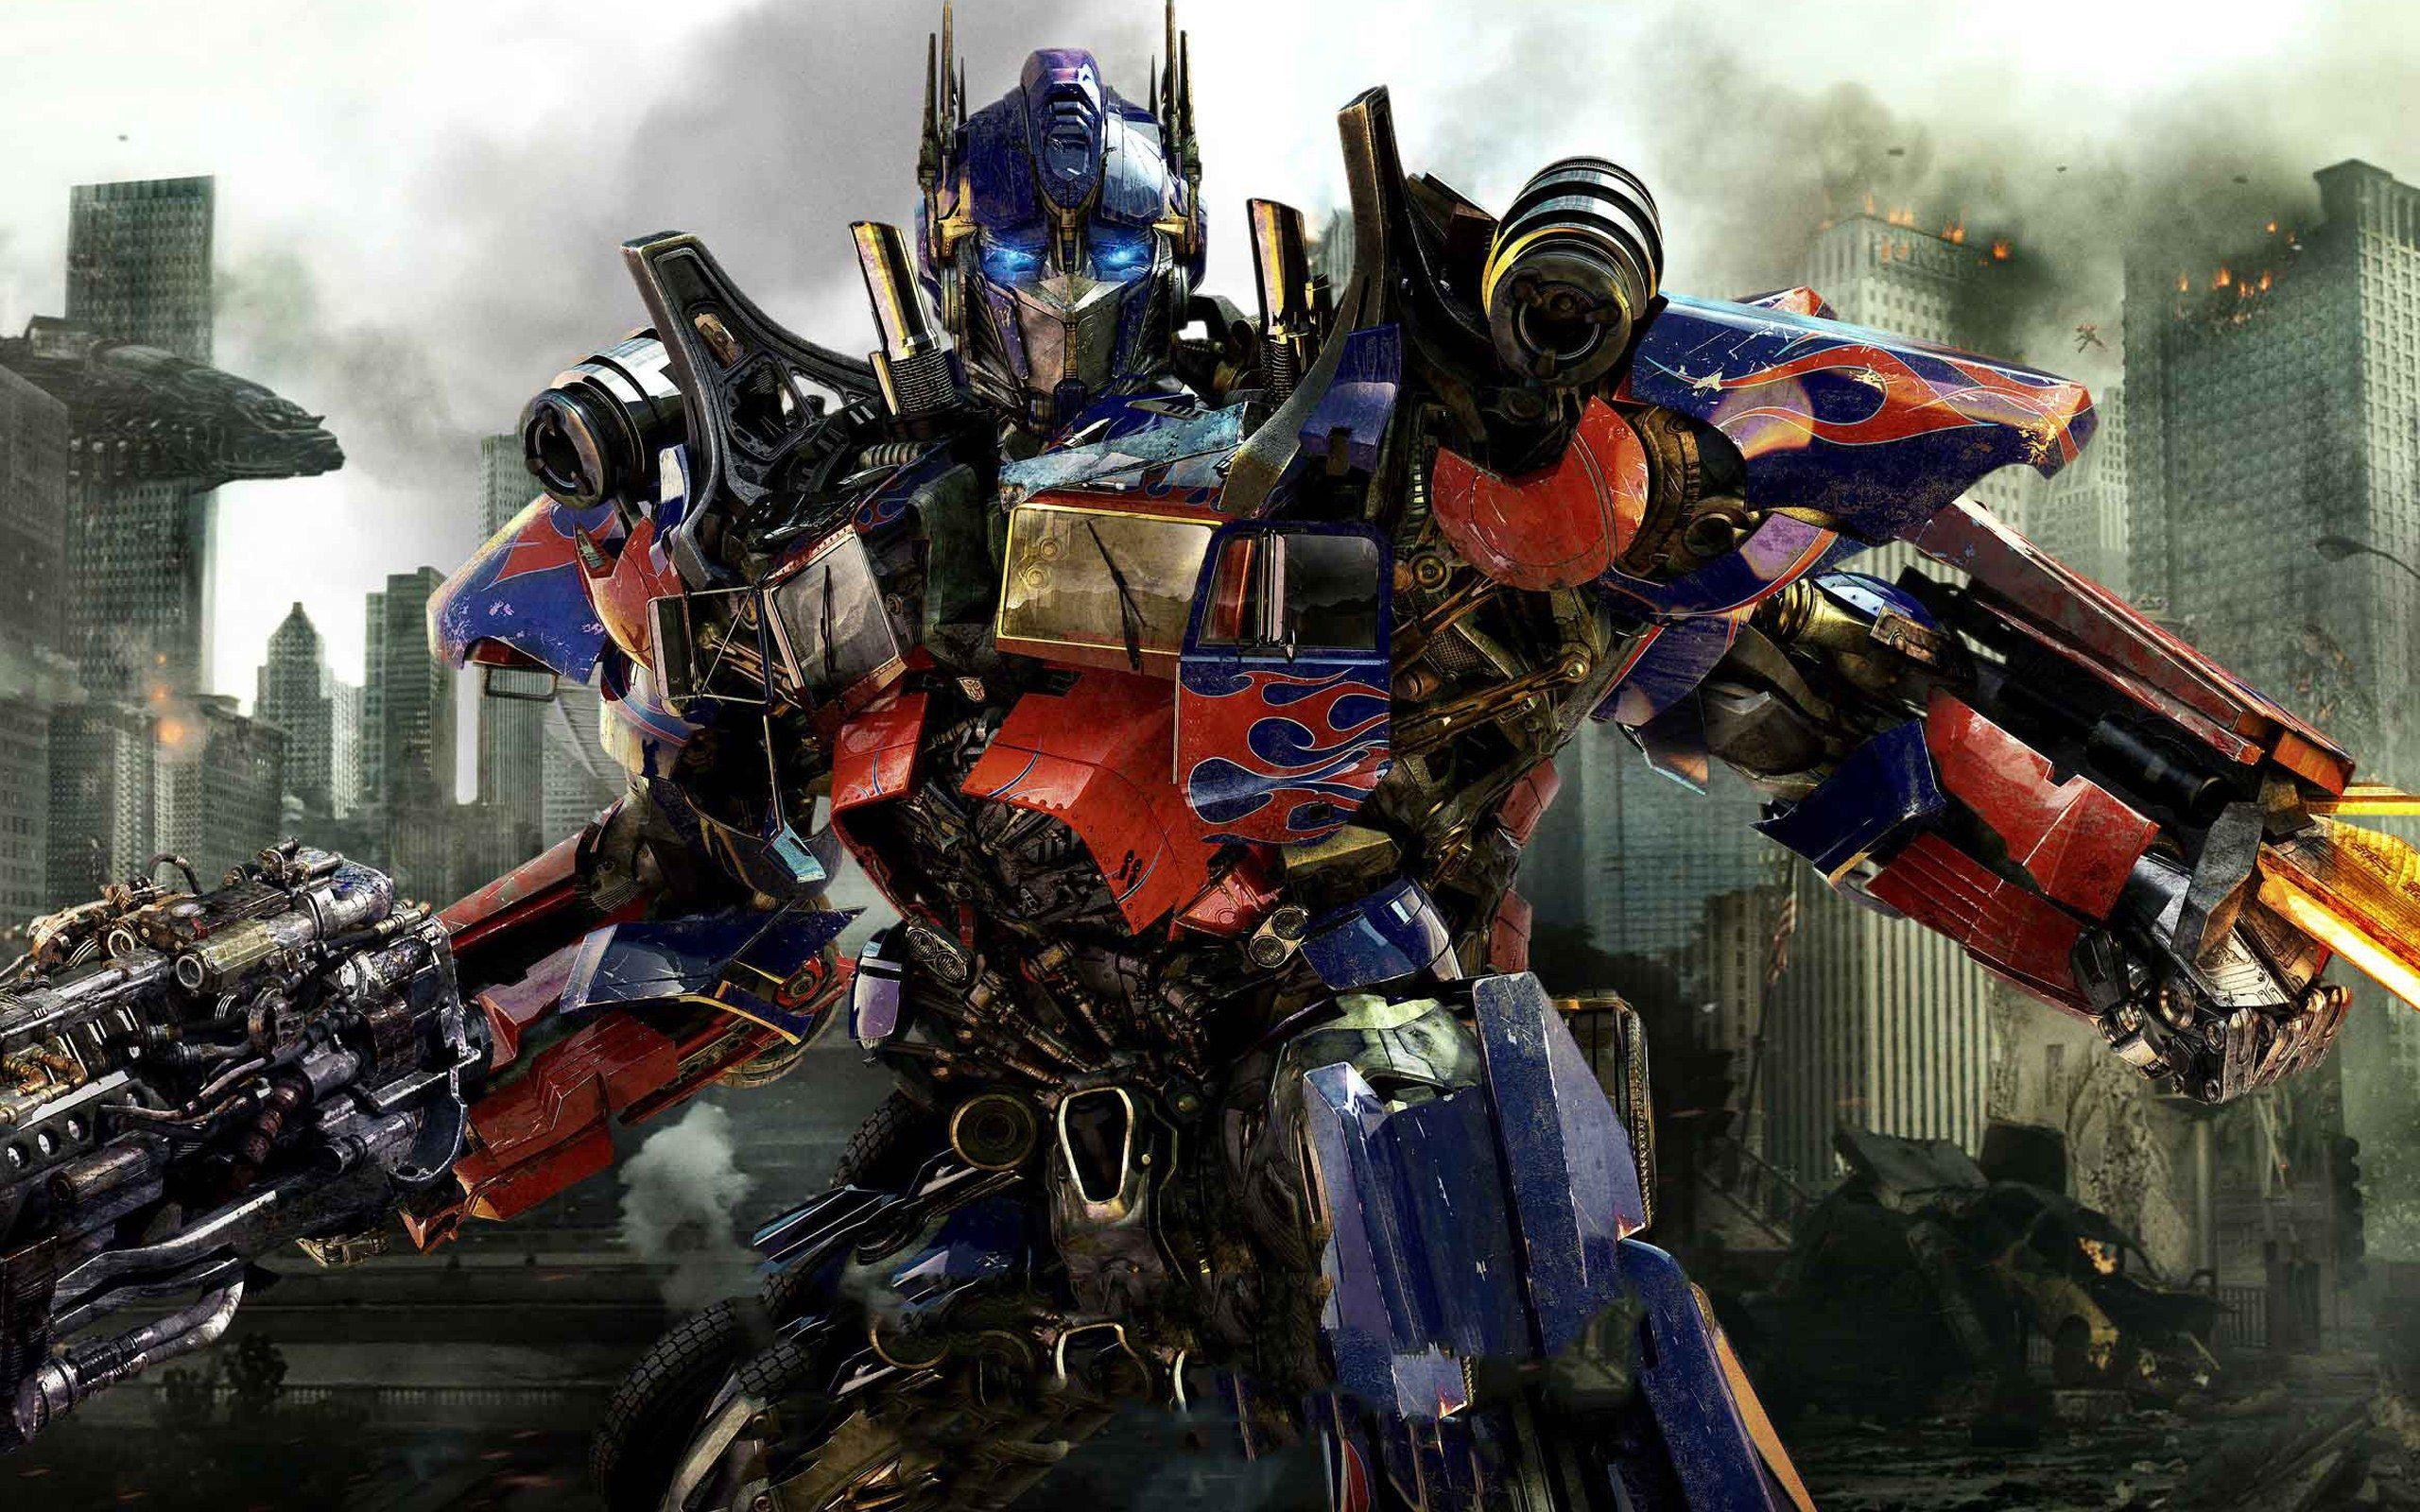 download transformers optimus prime wallpaper phone ugju | hd